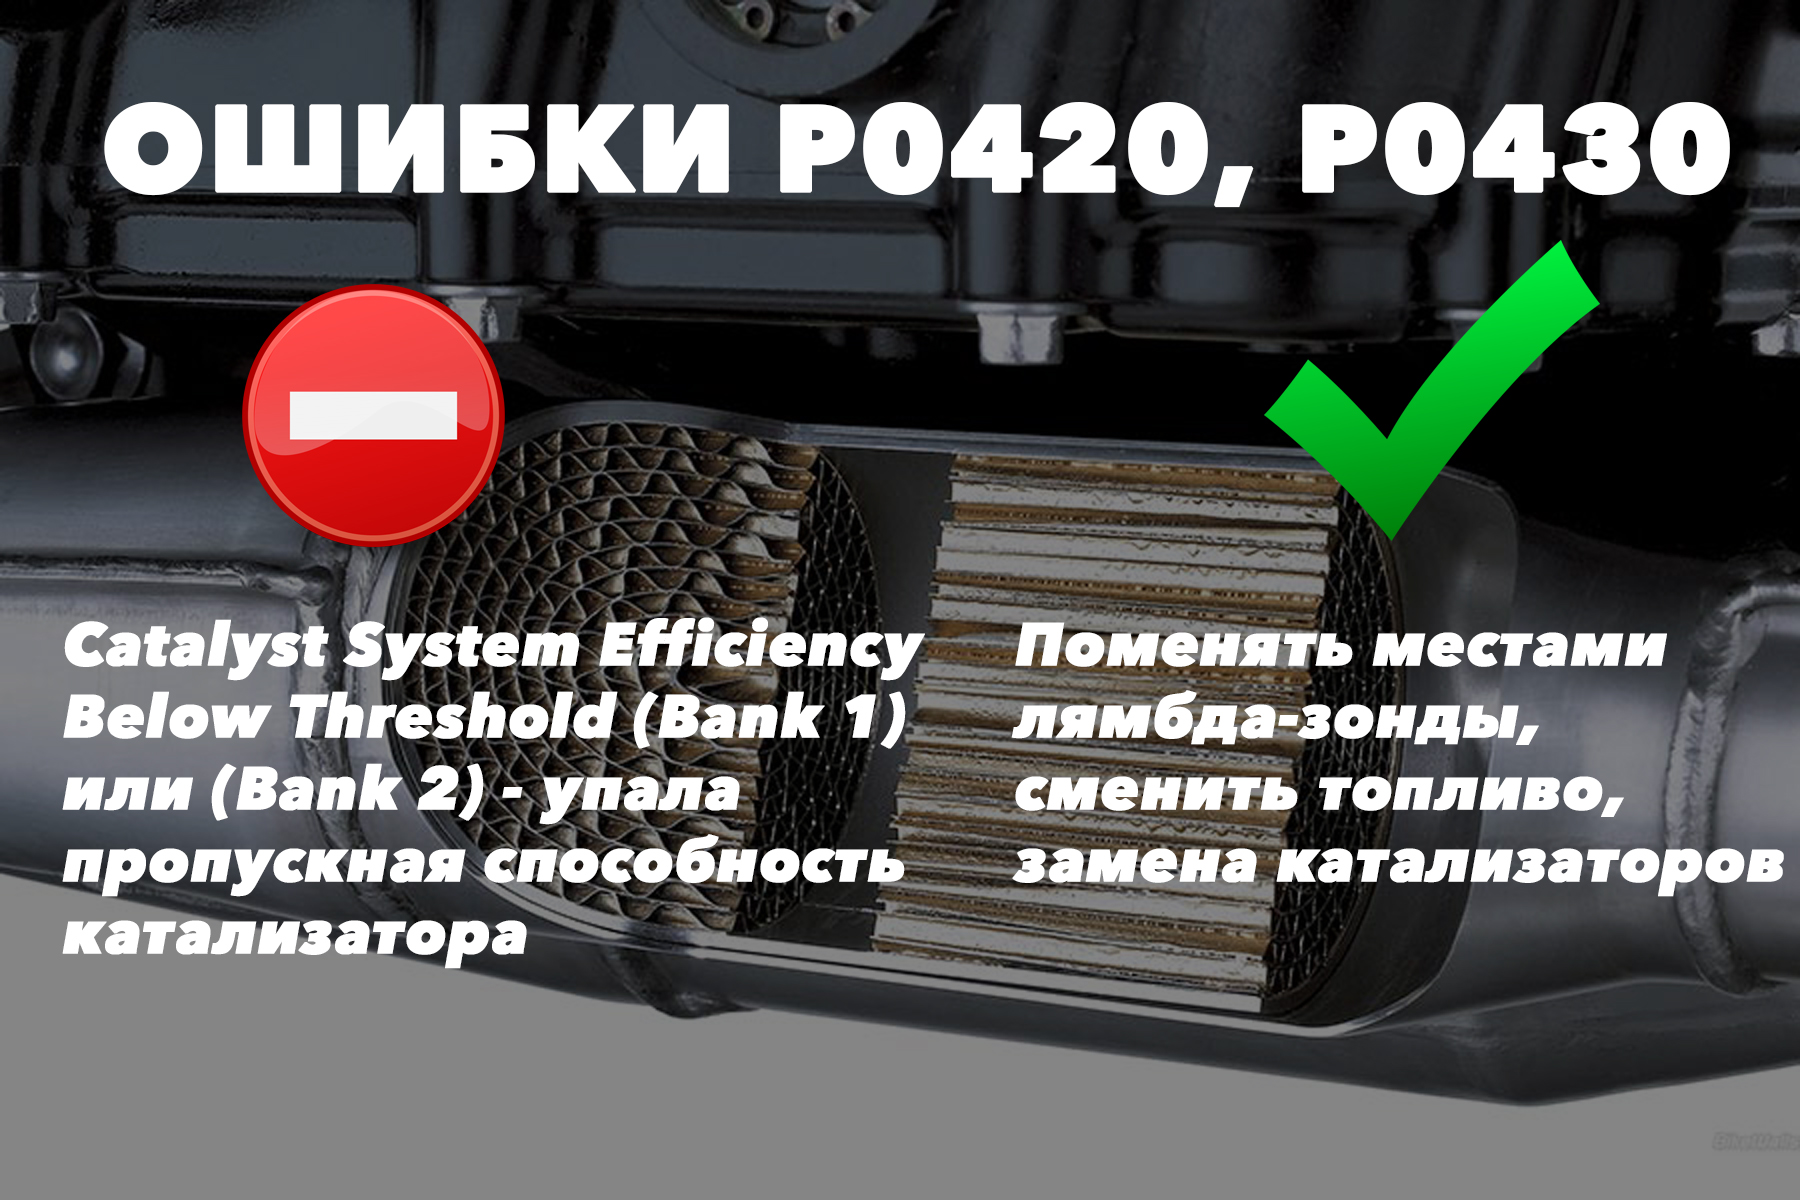 Форд Фокус 3 код ошибки P0420 и P0430 – упала пропускная способность катализатора